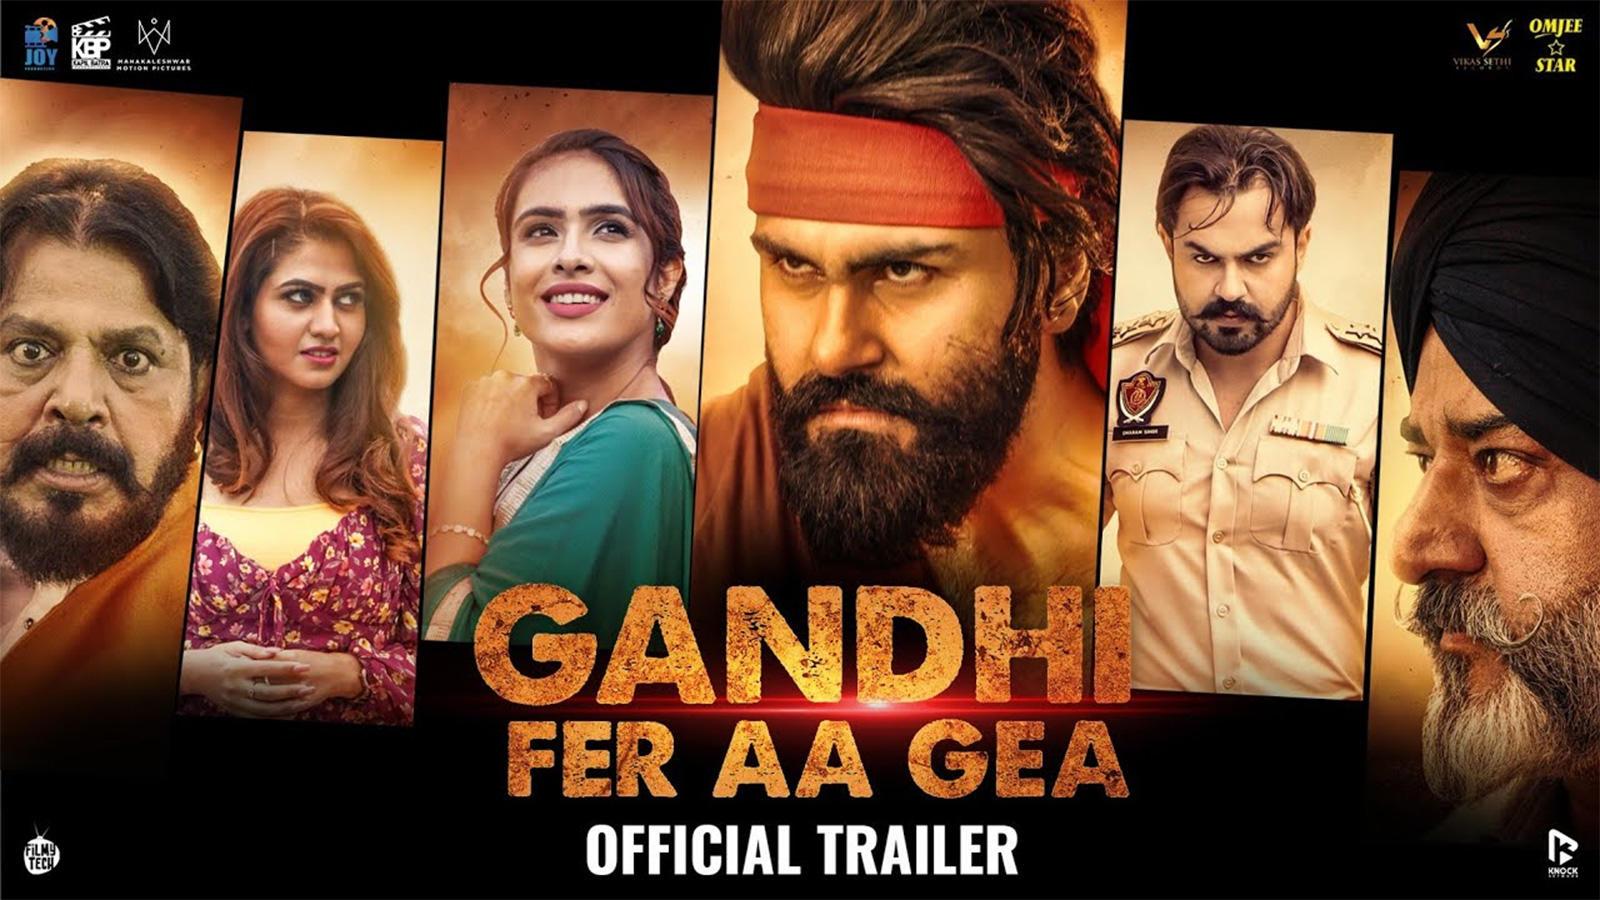 Gandhi Fer Aa Gea - Official Trailer